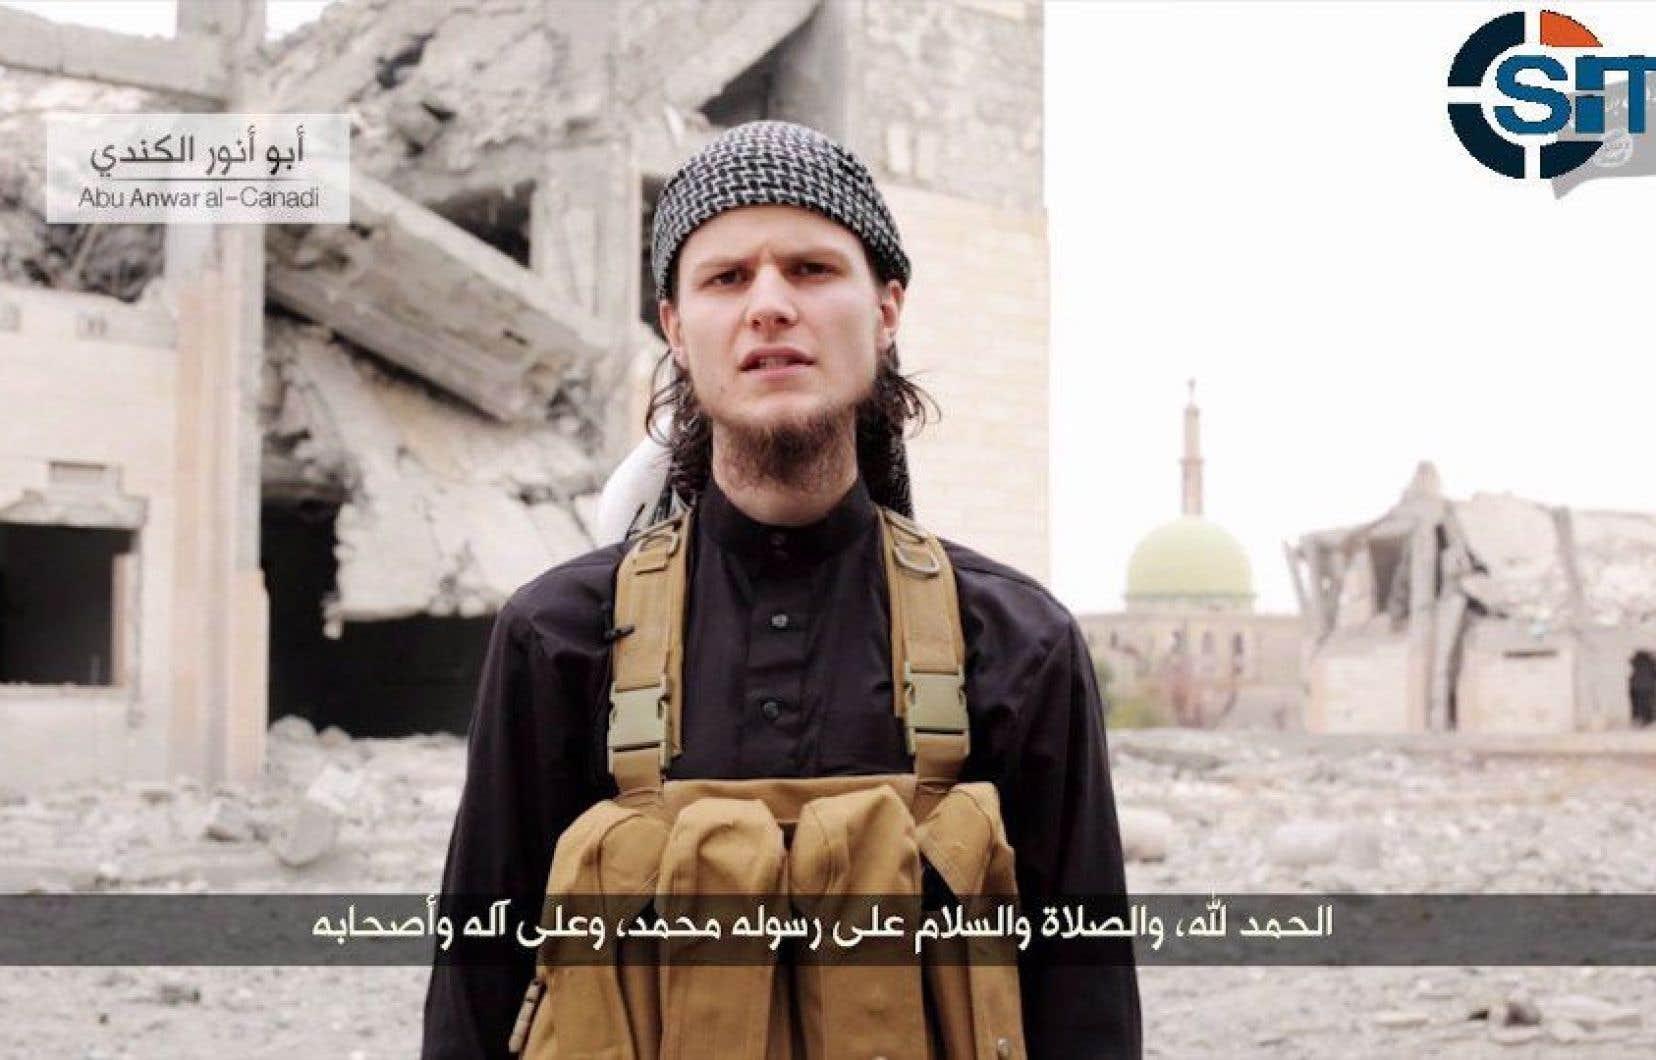 Les appels au djihad et à mener des actions isolées au Canada, comme ceux faits par exemple par John Maguire, qui se faisait appeler «Abu Anwar al-Canadi», seront dorénavant jugés criminels.